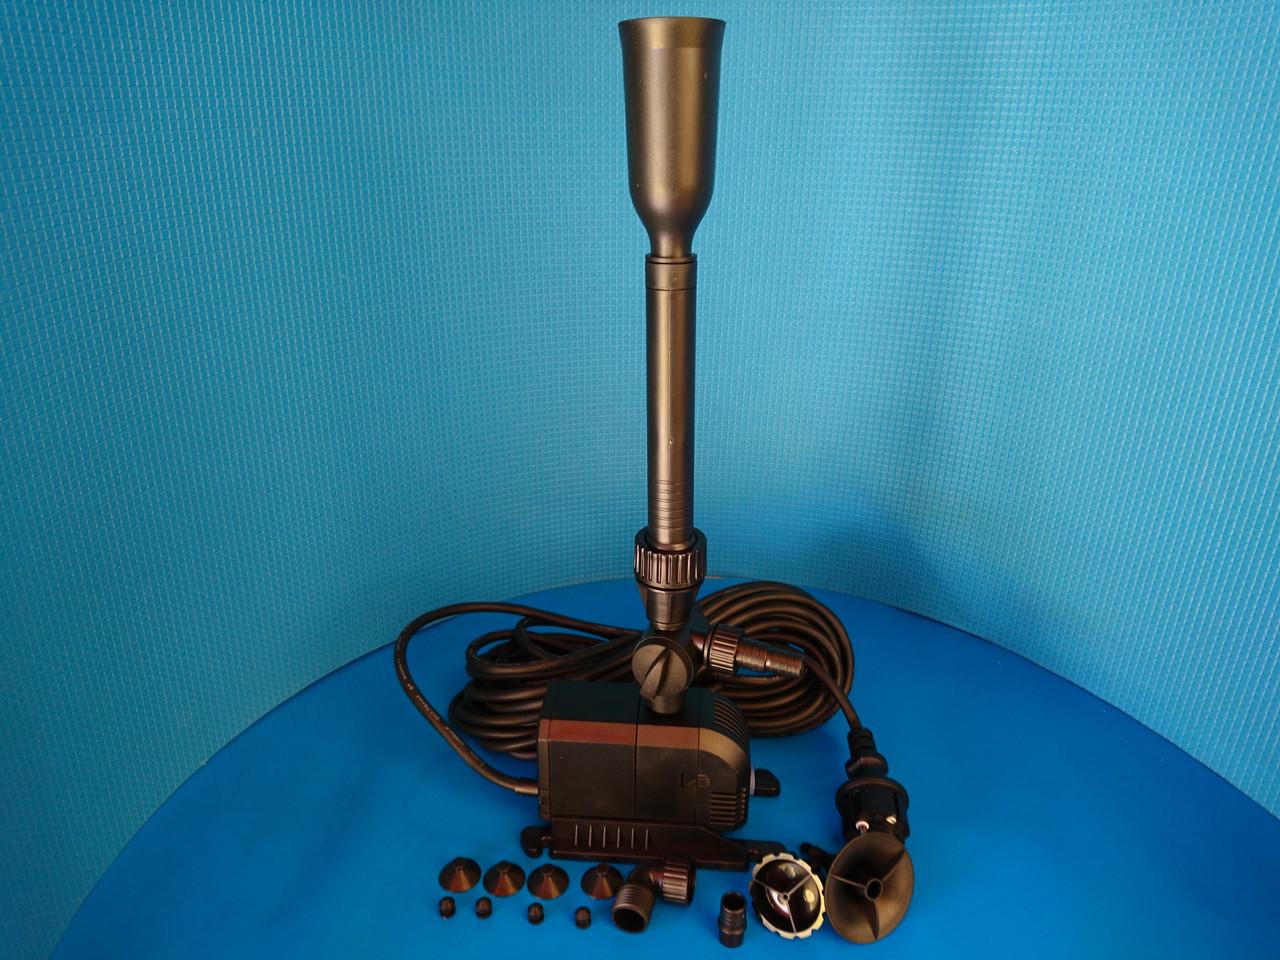 Фонтанный насос SUNSUN HJ-1103,  1.5м, 900l/h, 20W, с регулировкой мощности